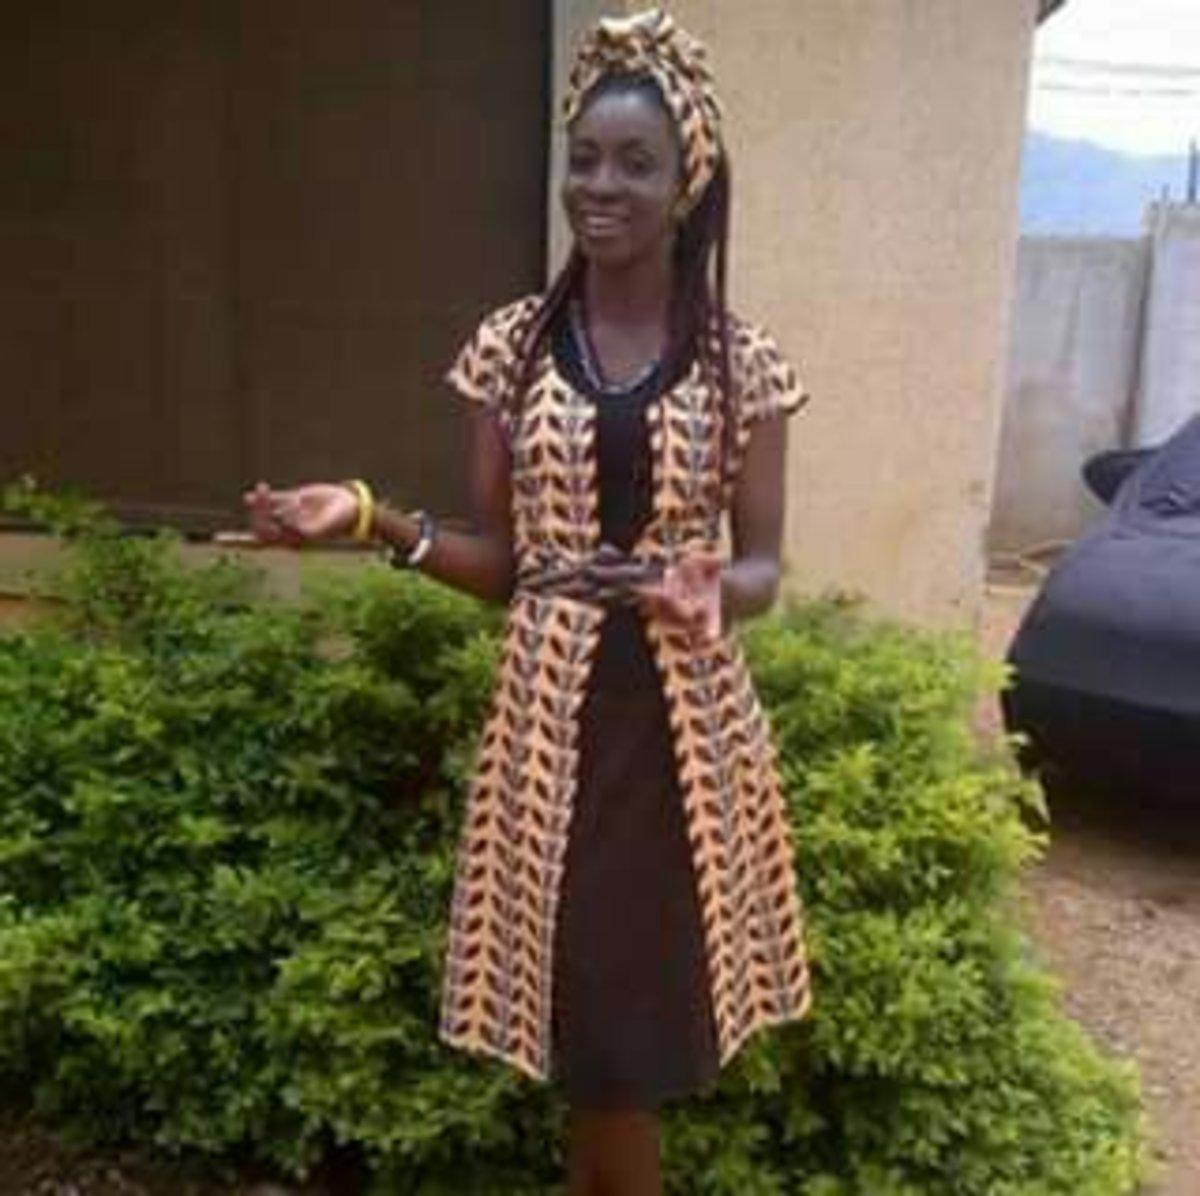 Miss Ogundare Tola, the dreamer